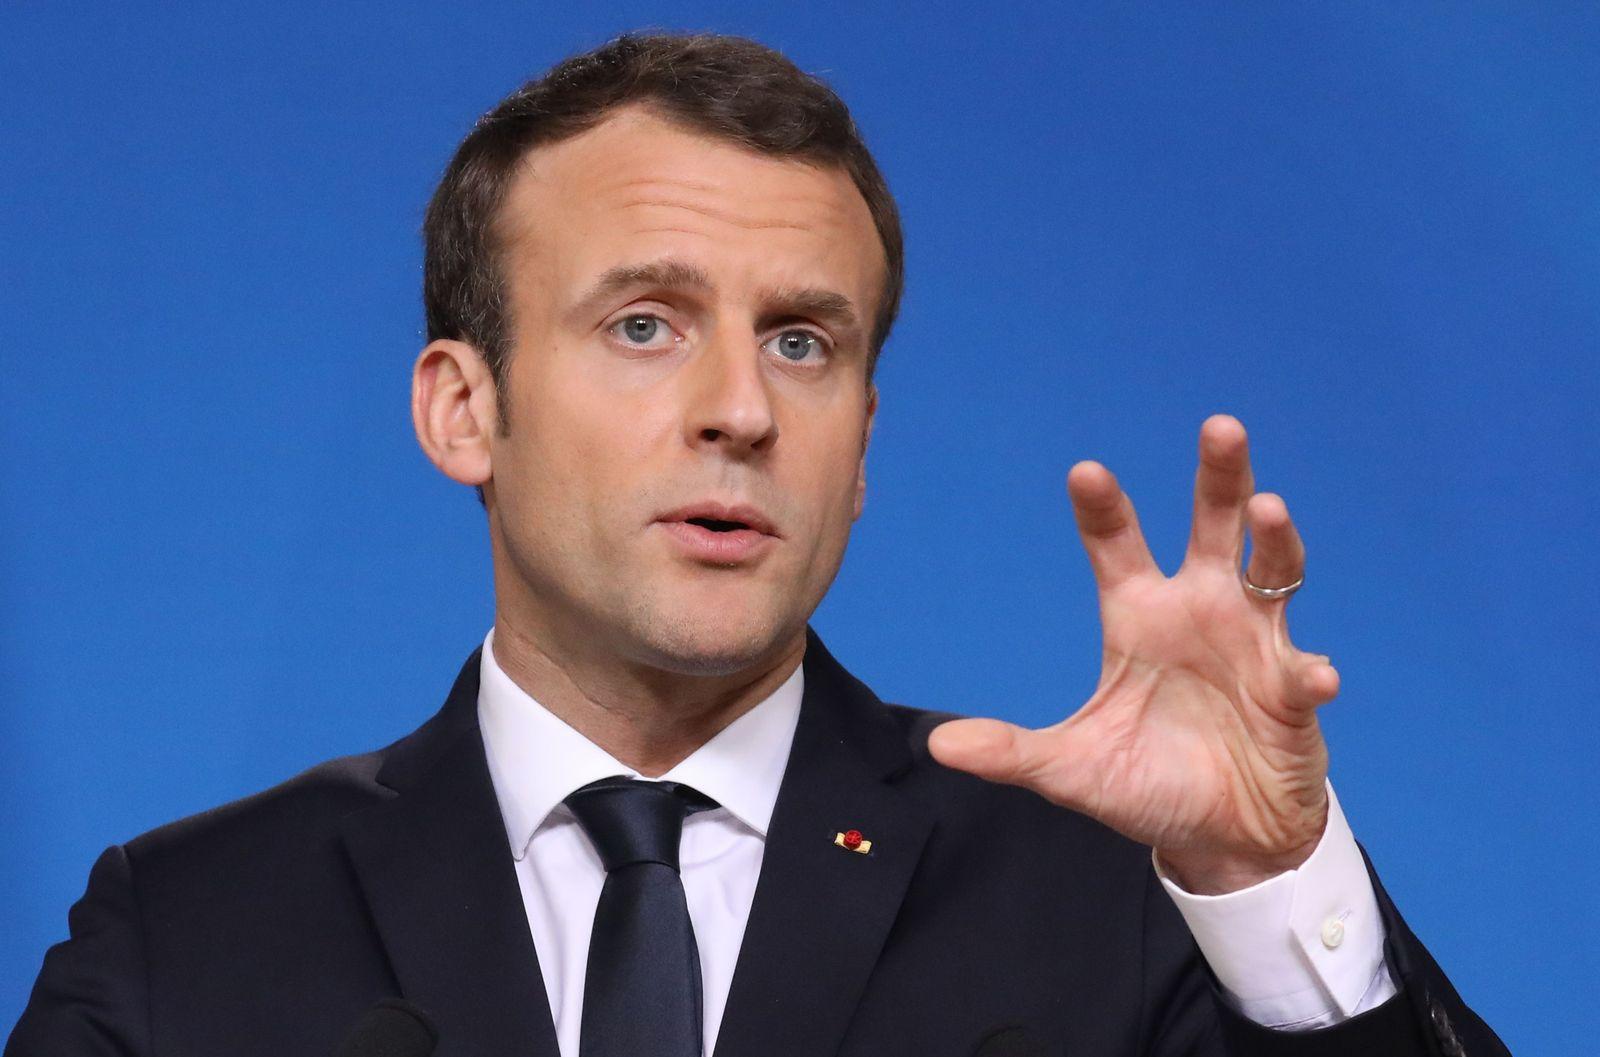 Öffentlich Rechtlich/ Macron